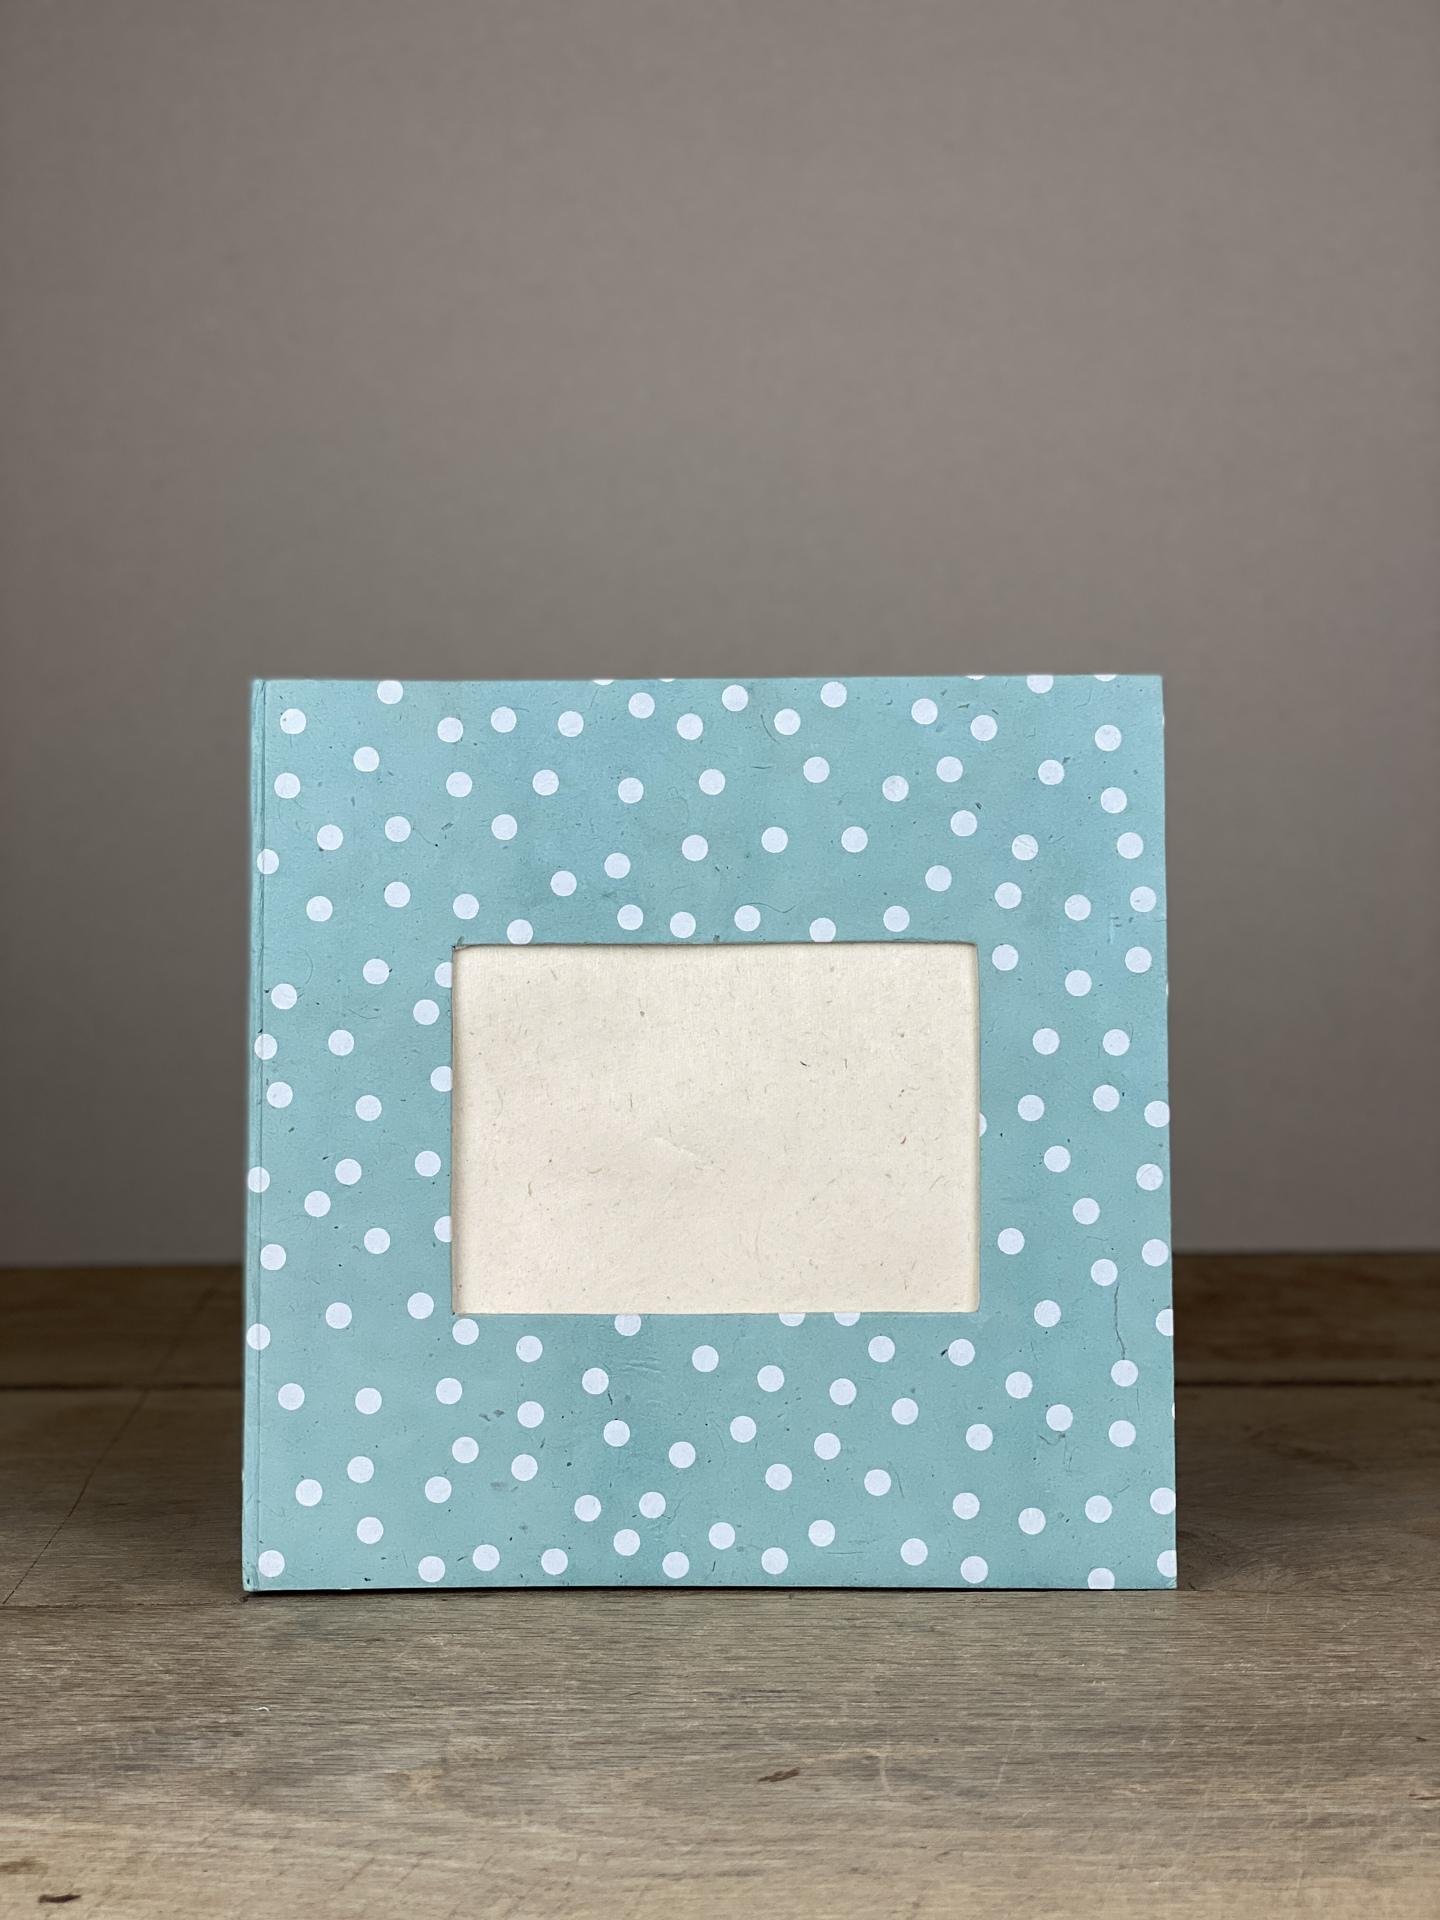 Album Hardcover Quart Dots blau/weiß